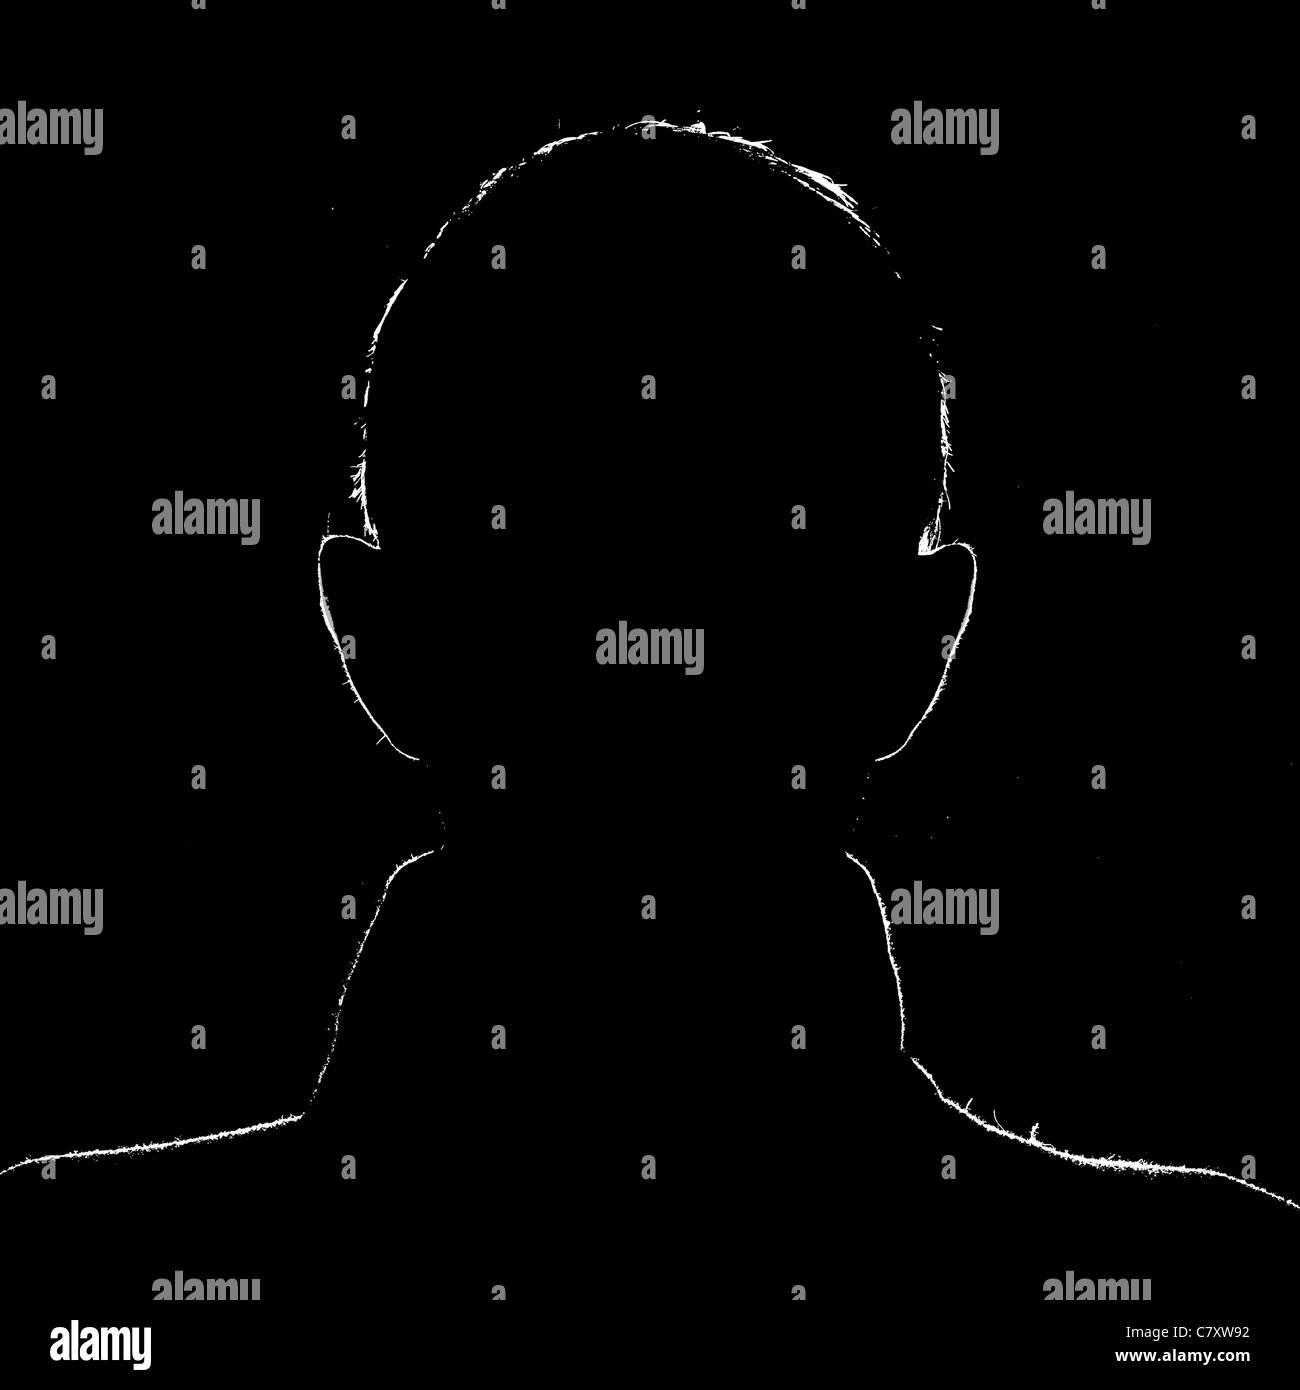 Sillhouette de un hombre sobre fondo negro en una imagen 1:1 con el hombre descrito en blanco. Imagen De Stock